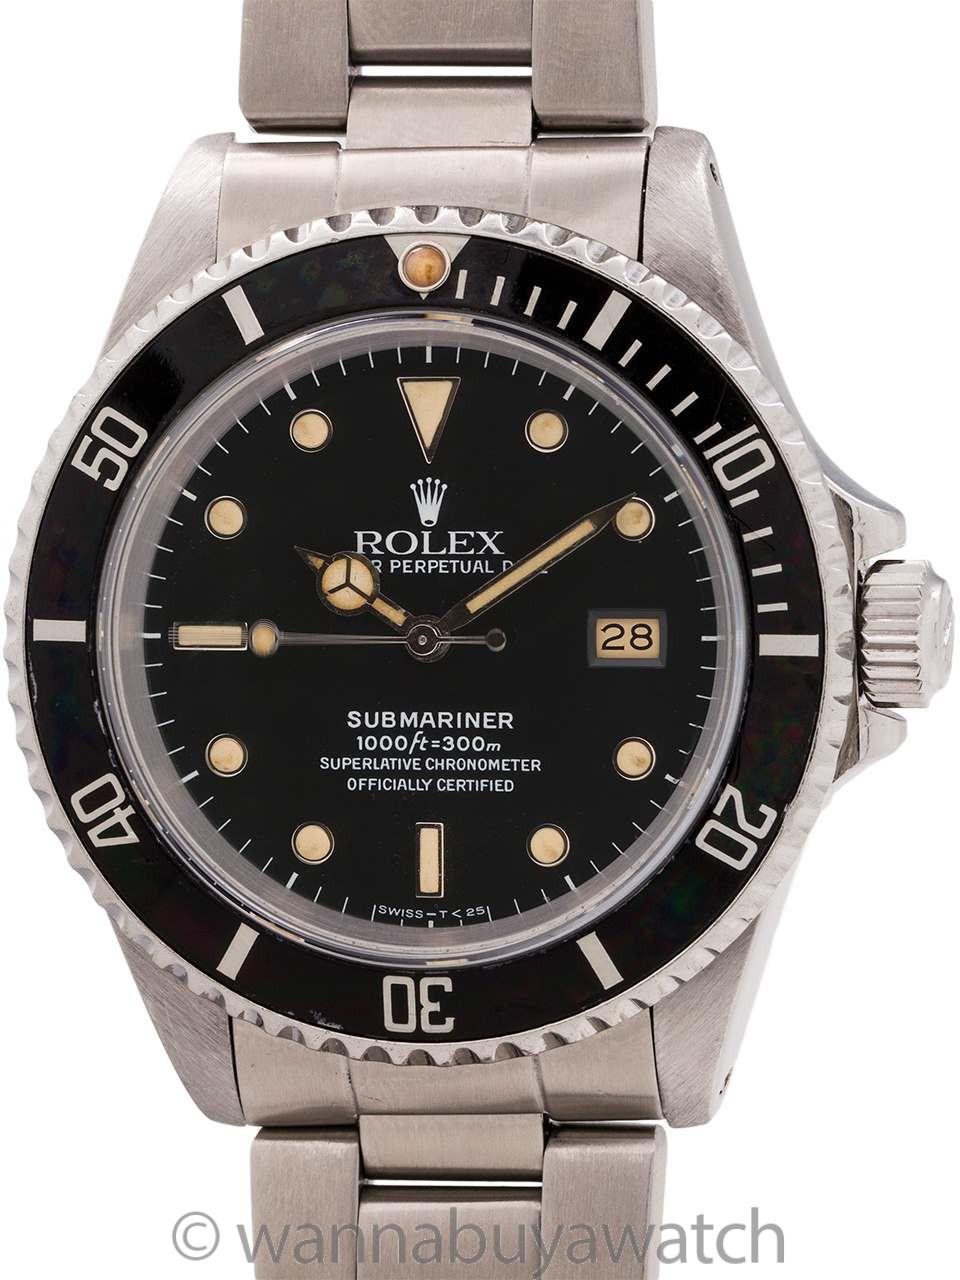 Rolex Submariner ref# 16610 Stainless Steel circa 1991